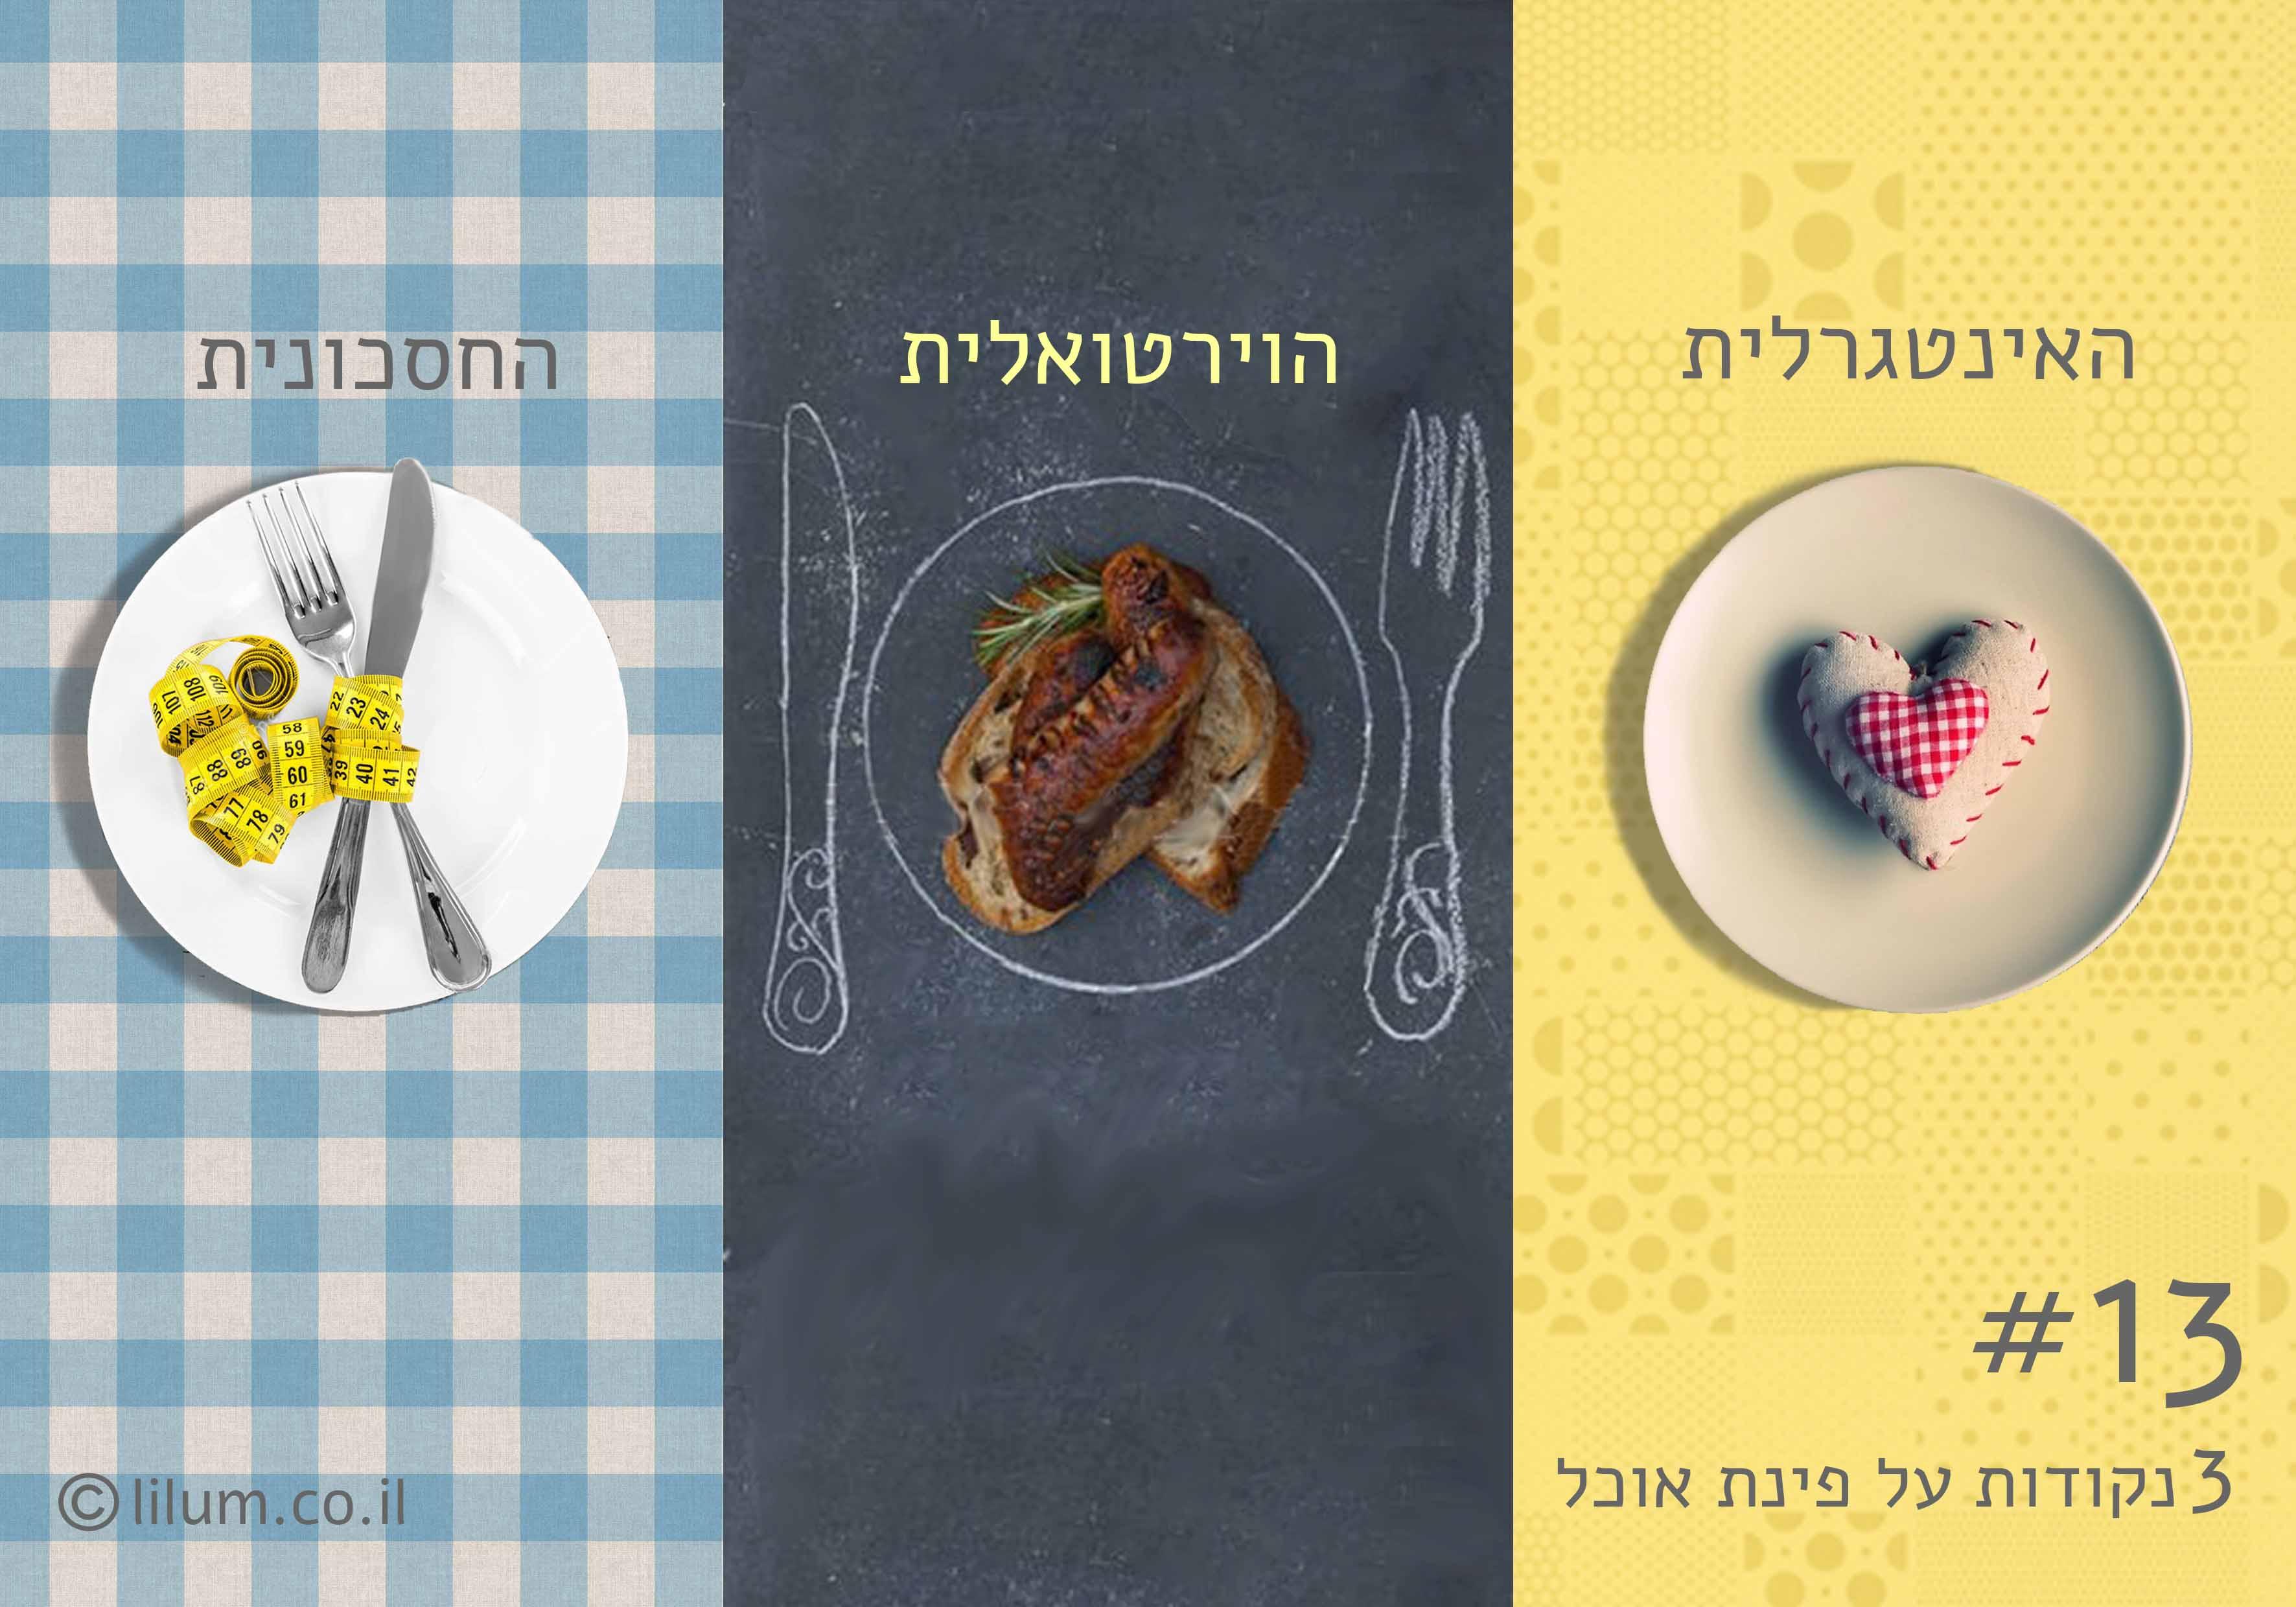 פוסט #13 פינות אוכל